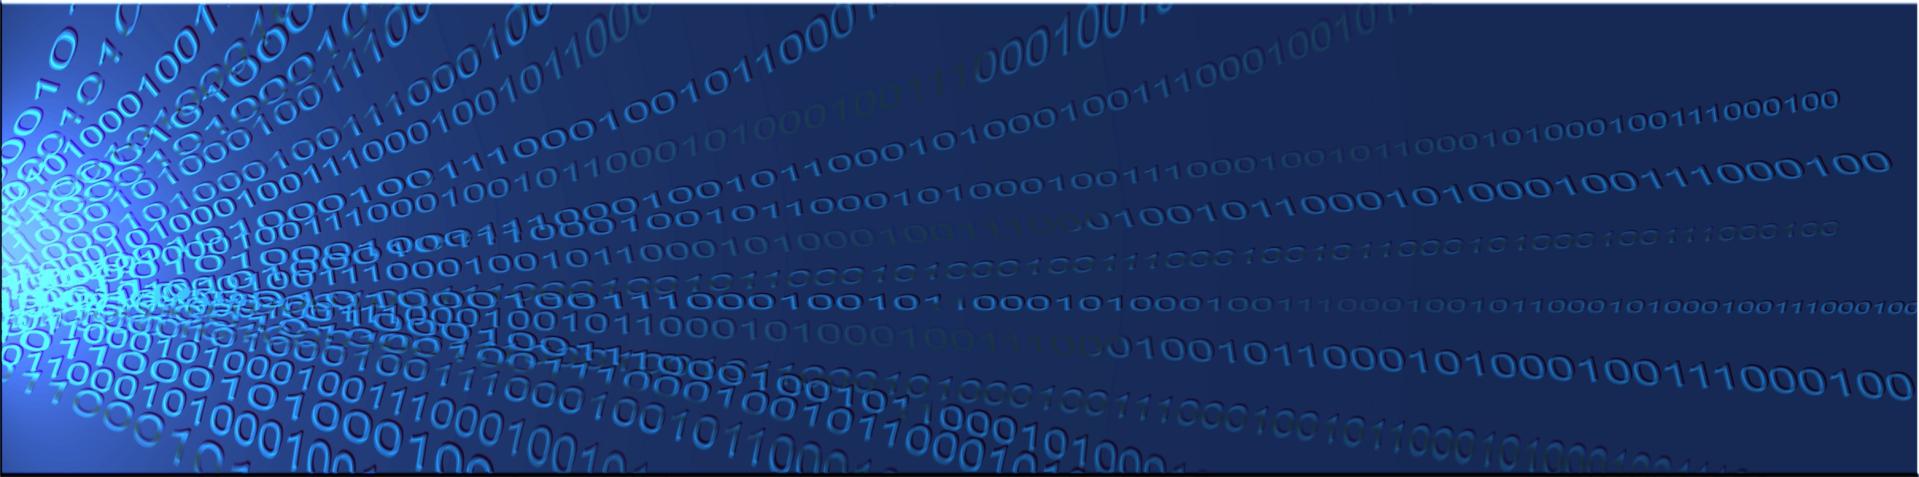 Digitalisieren von Unterlagen, Zeugnissen oder Buchhaltungsunterlagen